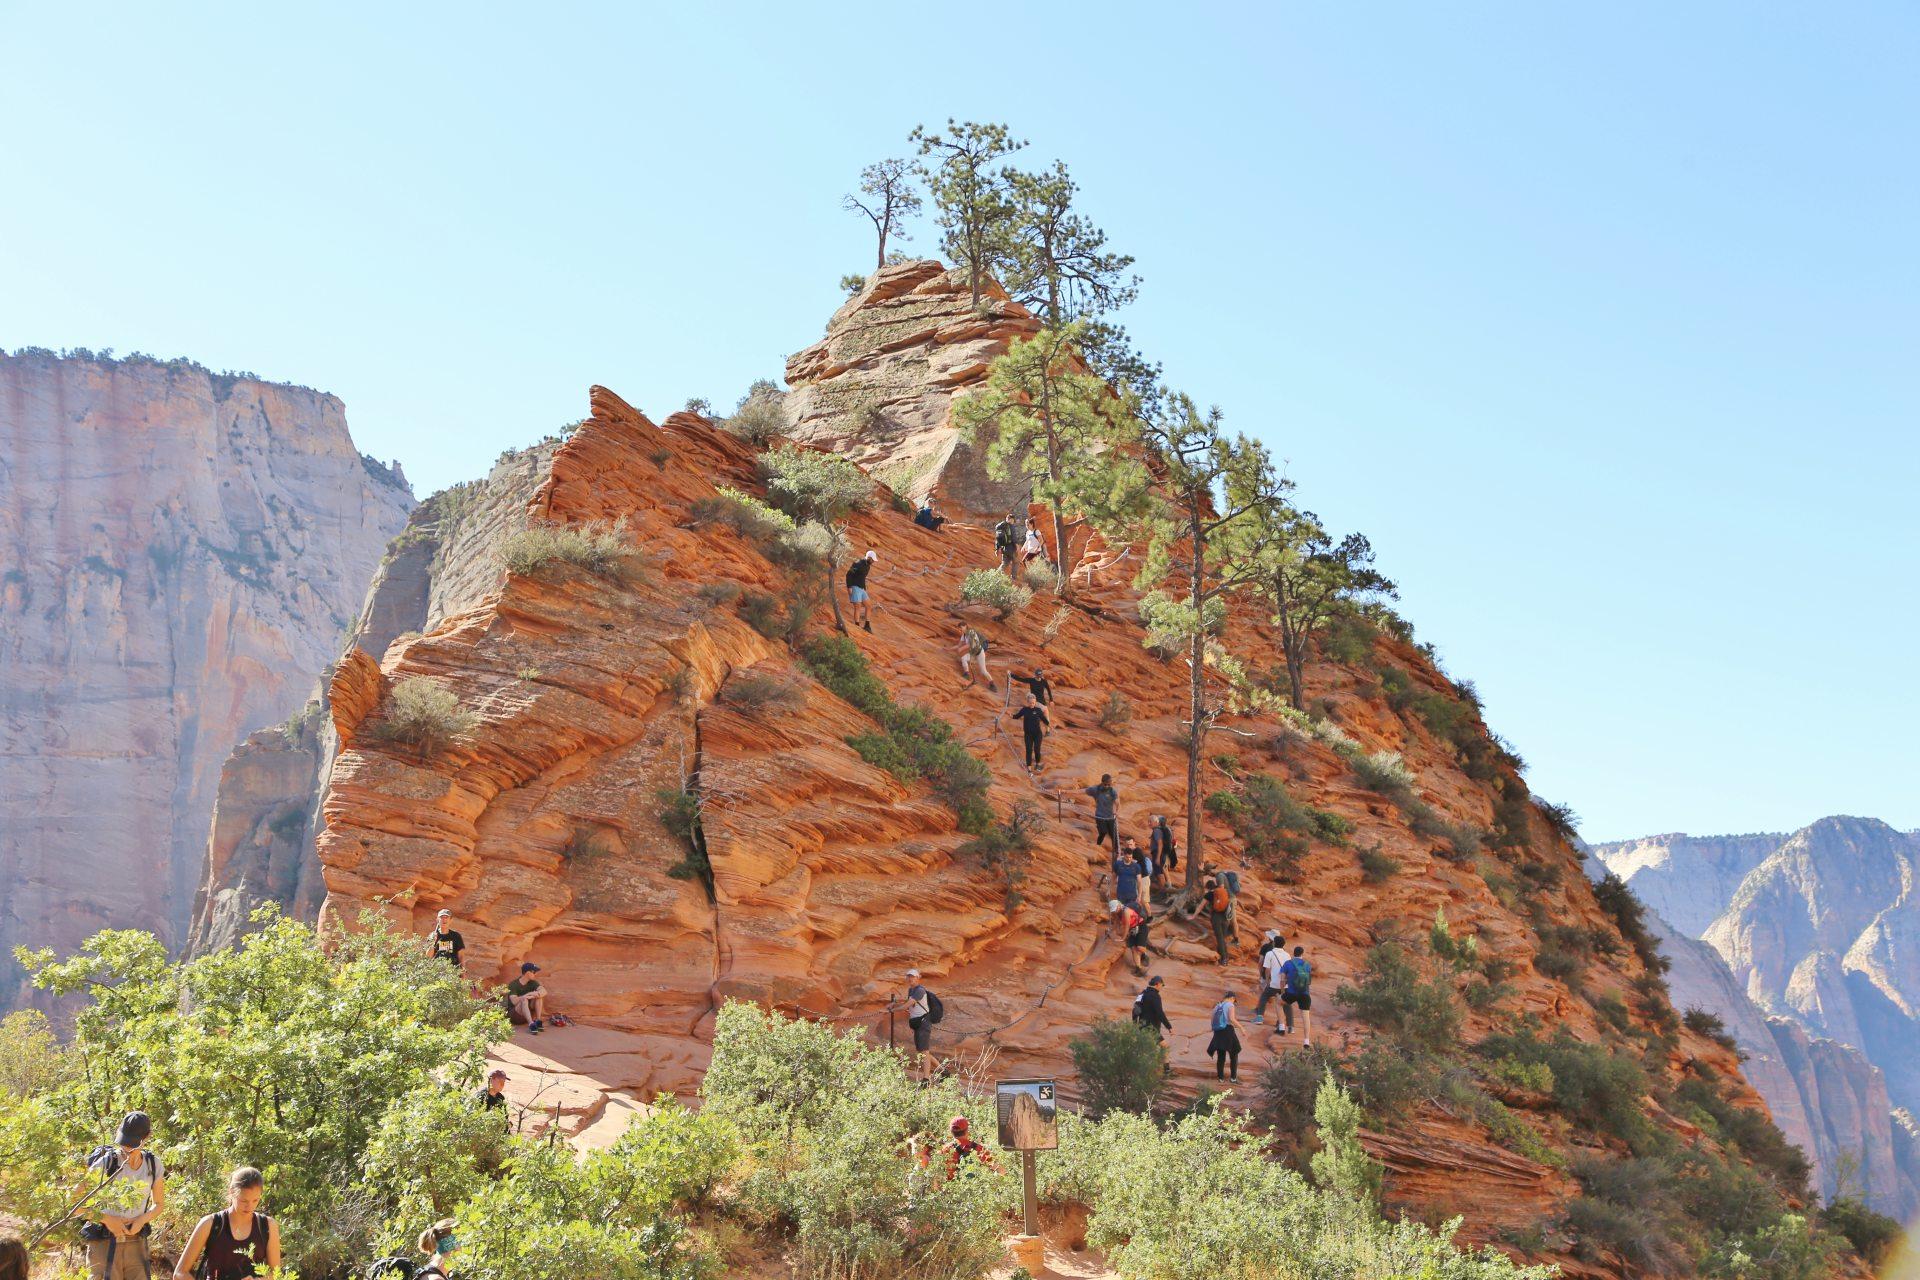 Angels Landing - diese Idee hatten wir nicht alleine! - Angels Landing Trail, Berge, Felsen, Felsnadel, Himmel, Menschen, Menschenmengen, Personen, Utah, Zion National Park - (Zion Lodge, Springdale, Utah, Vereinigte Staaten)